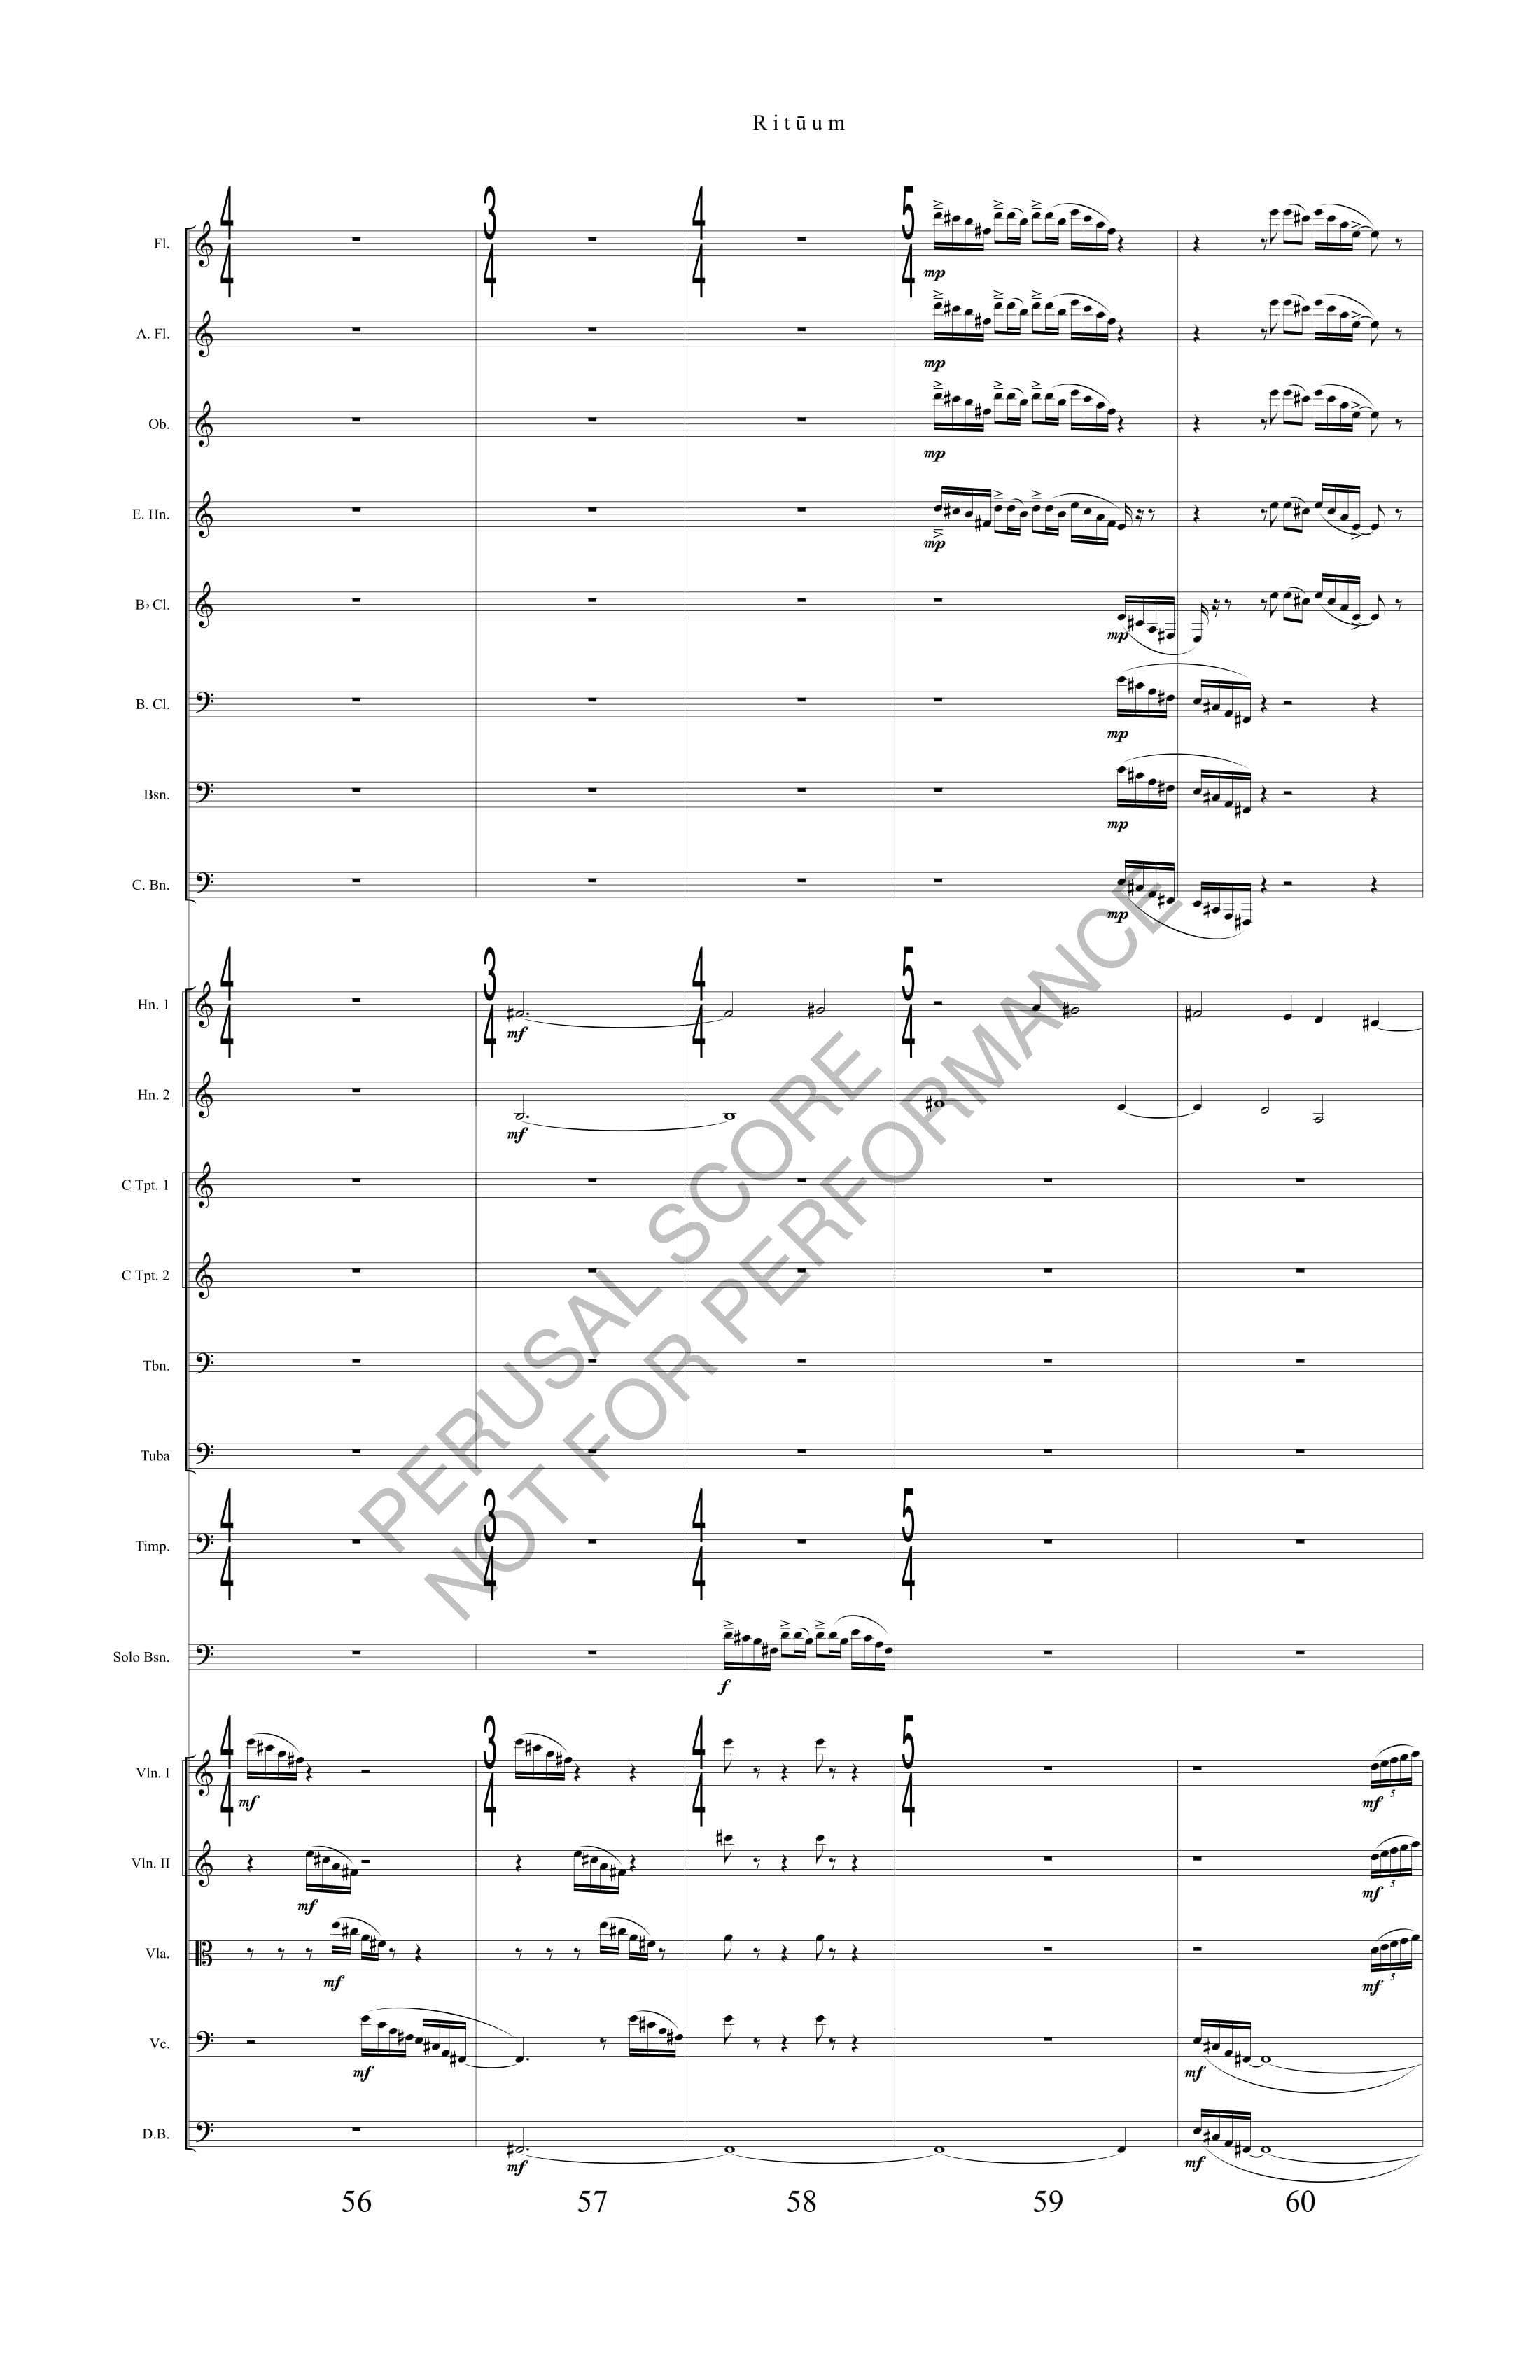 Boyd Rituum Score-watermark (1)-18.jpg